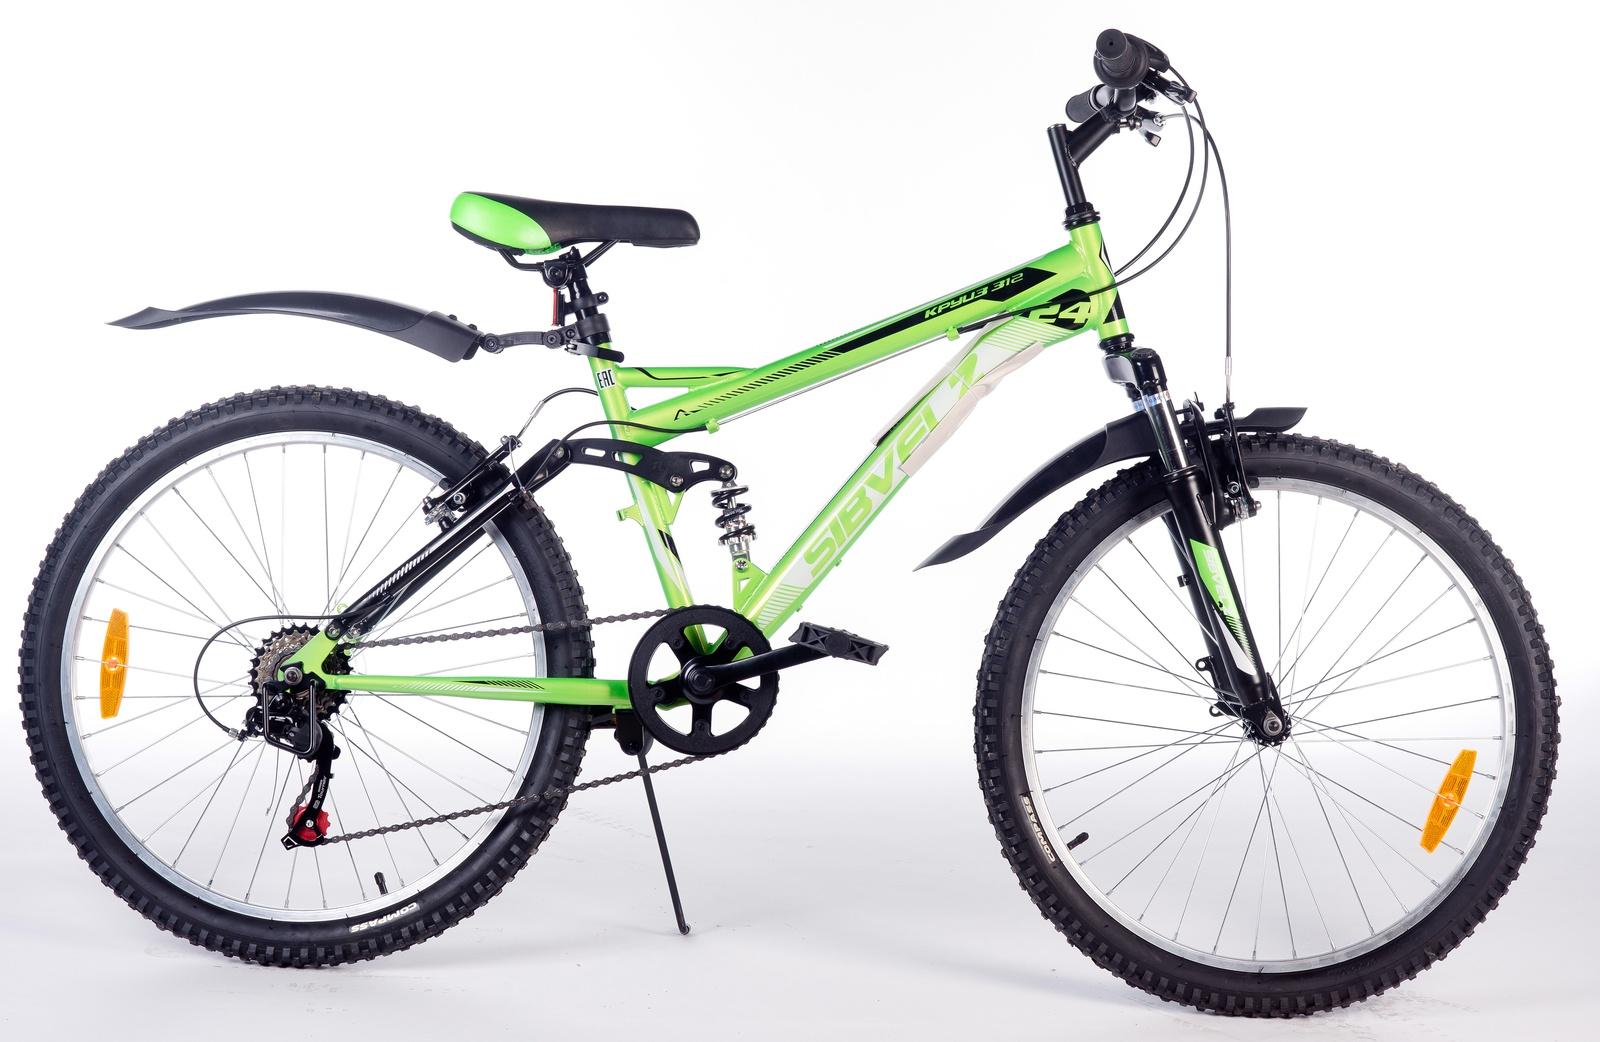 Велосипед Круиз 312 зеленый